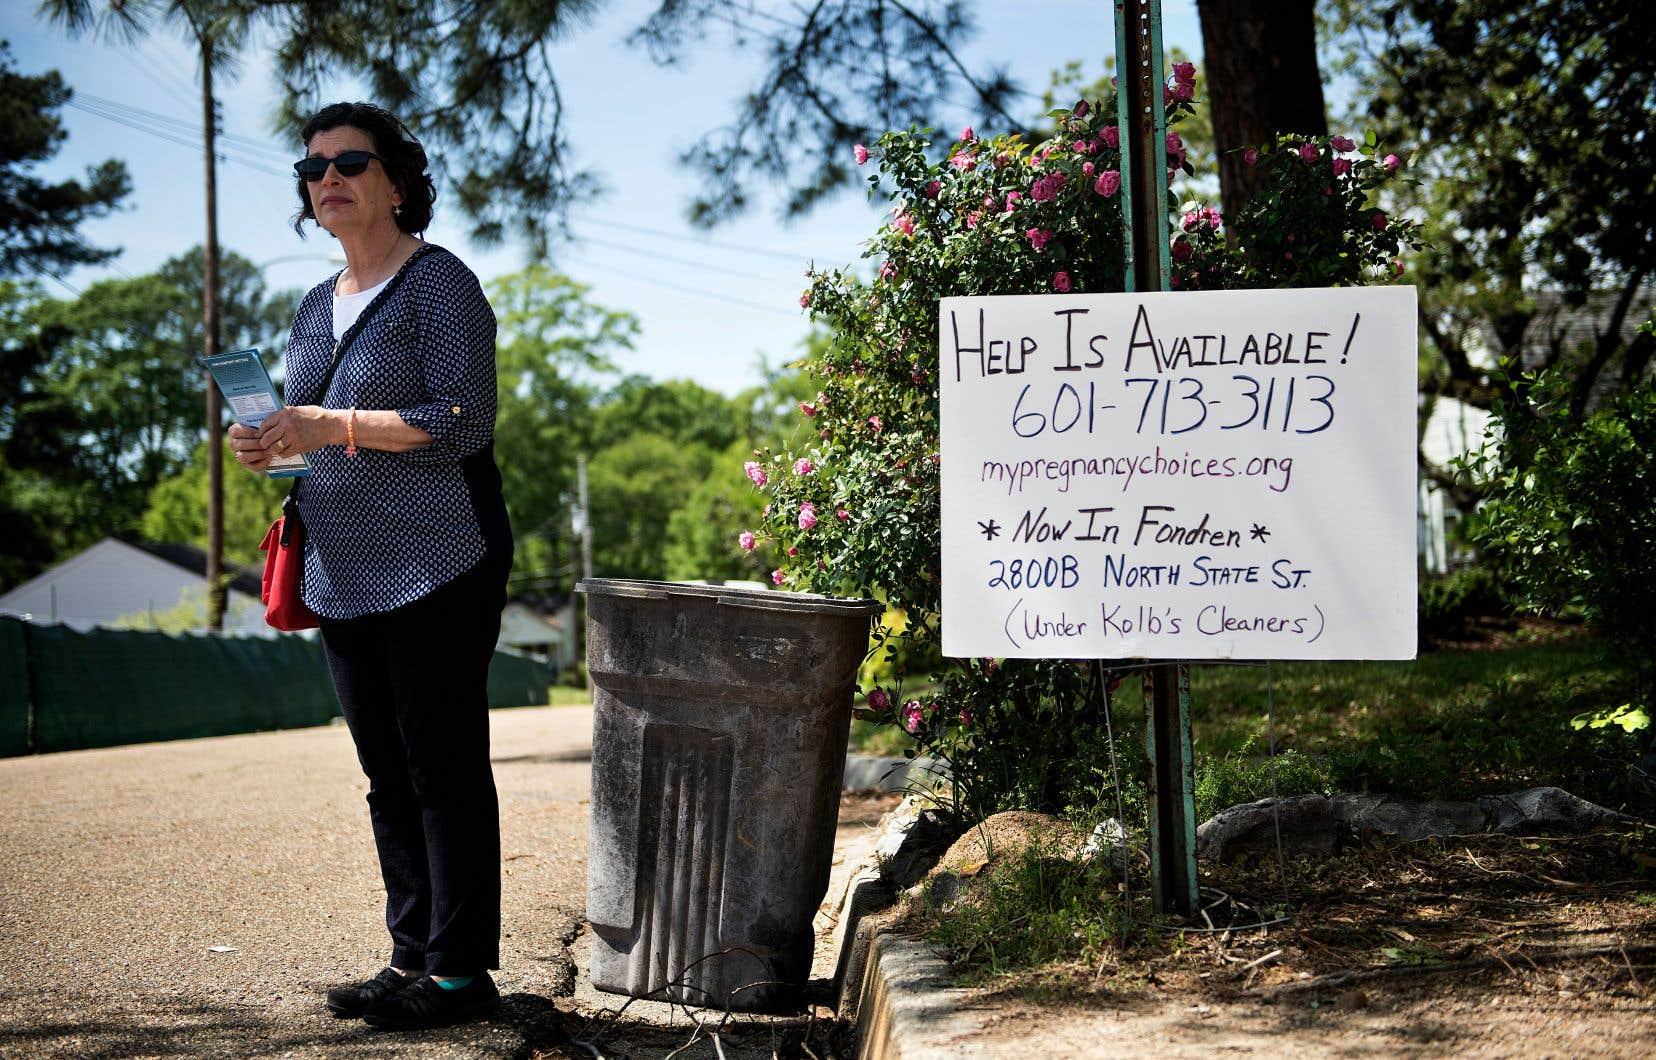 Une militante pro-vie, photographiée le 5avril dernier, attend les patientes qui se rendent à la clinique d'avortement de Jackson, au Mississippi.